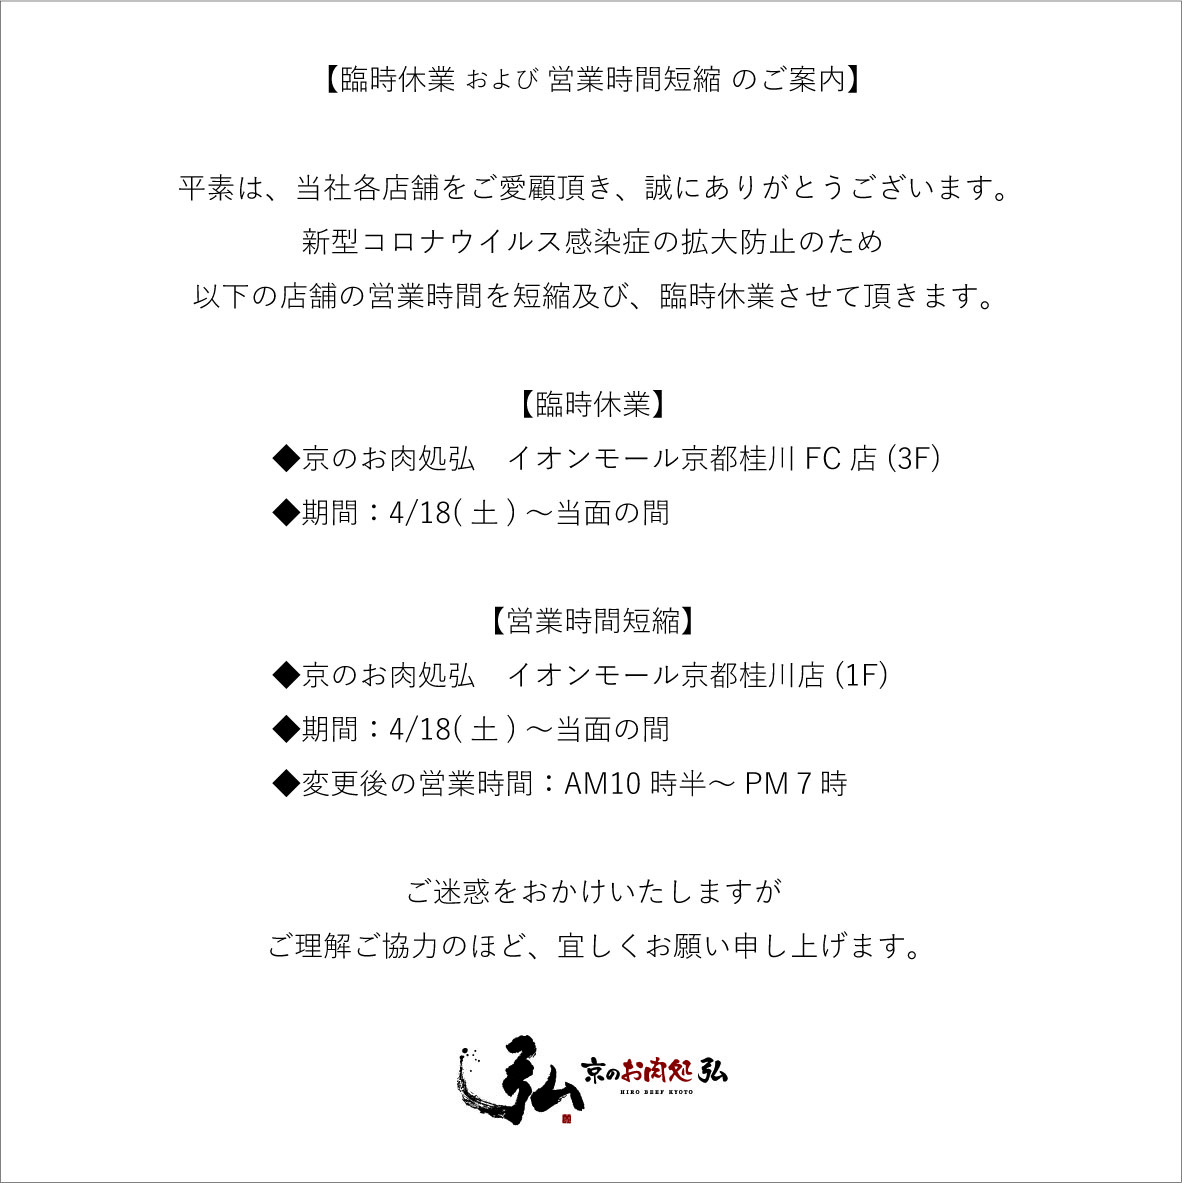 【京のお肉処弘 イオン店】営業時間変更のご案内